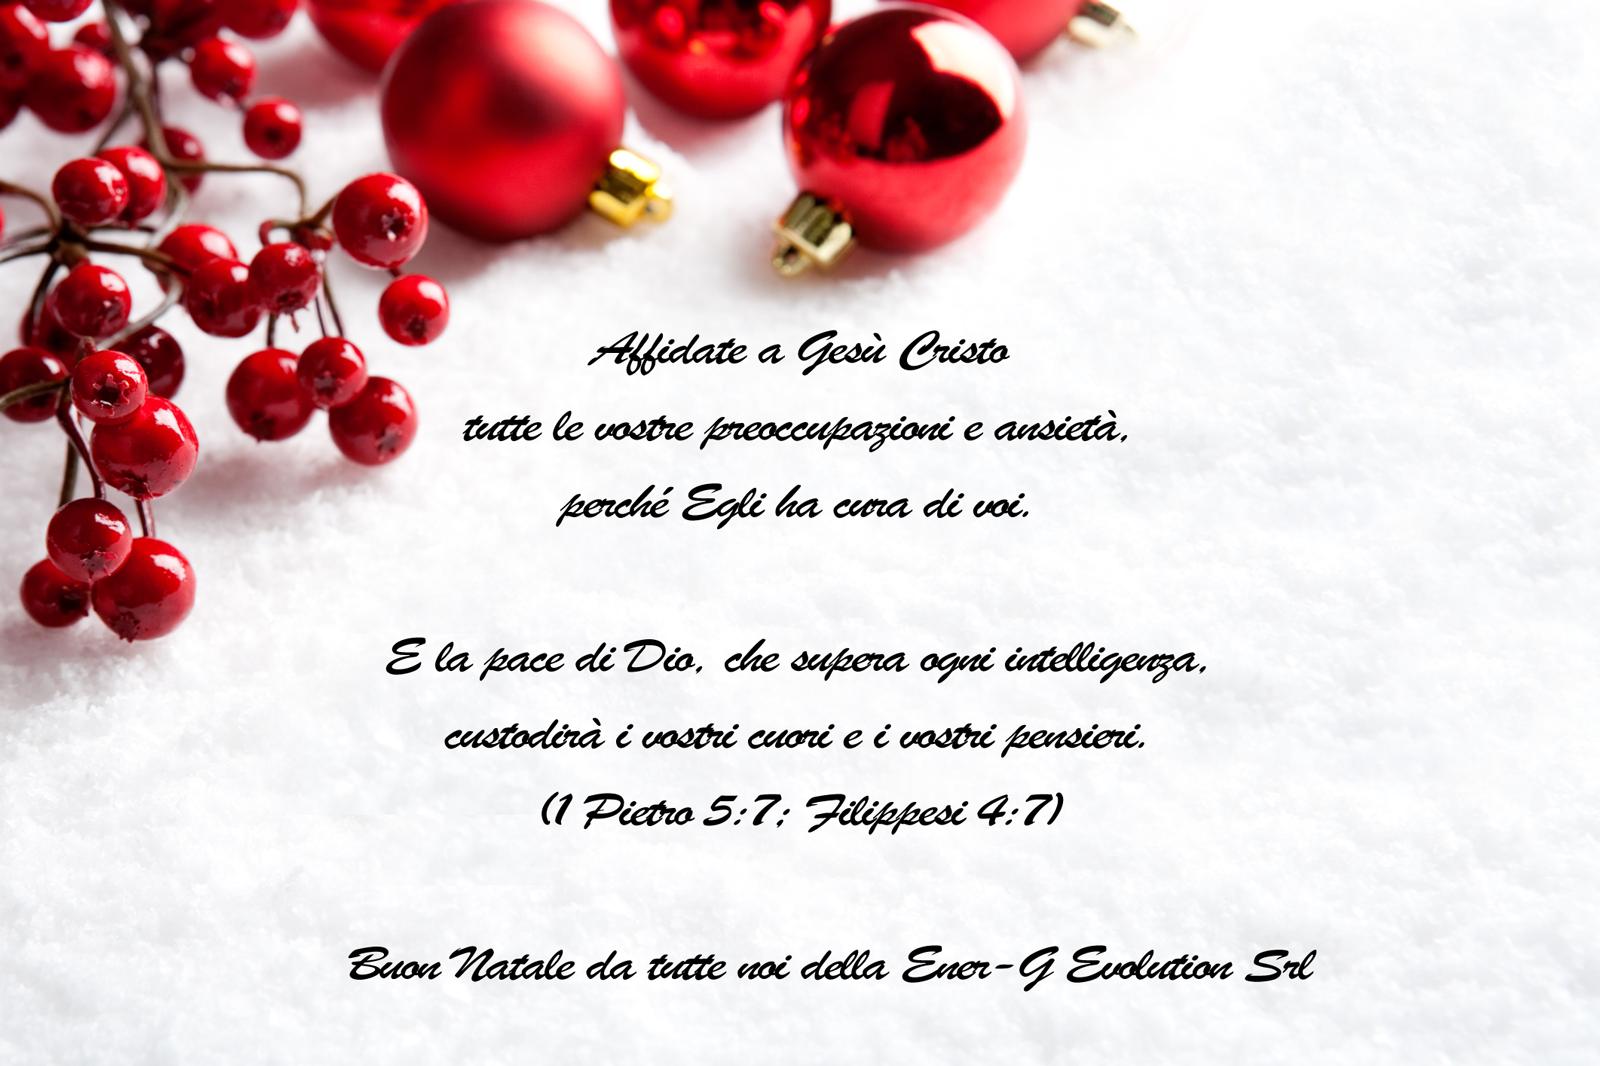 Buon Natale e Auguri per un 2019 di Pace vera